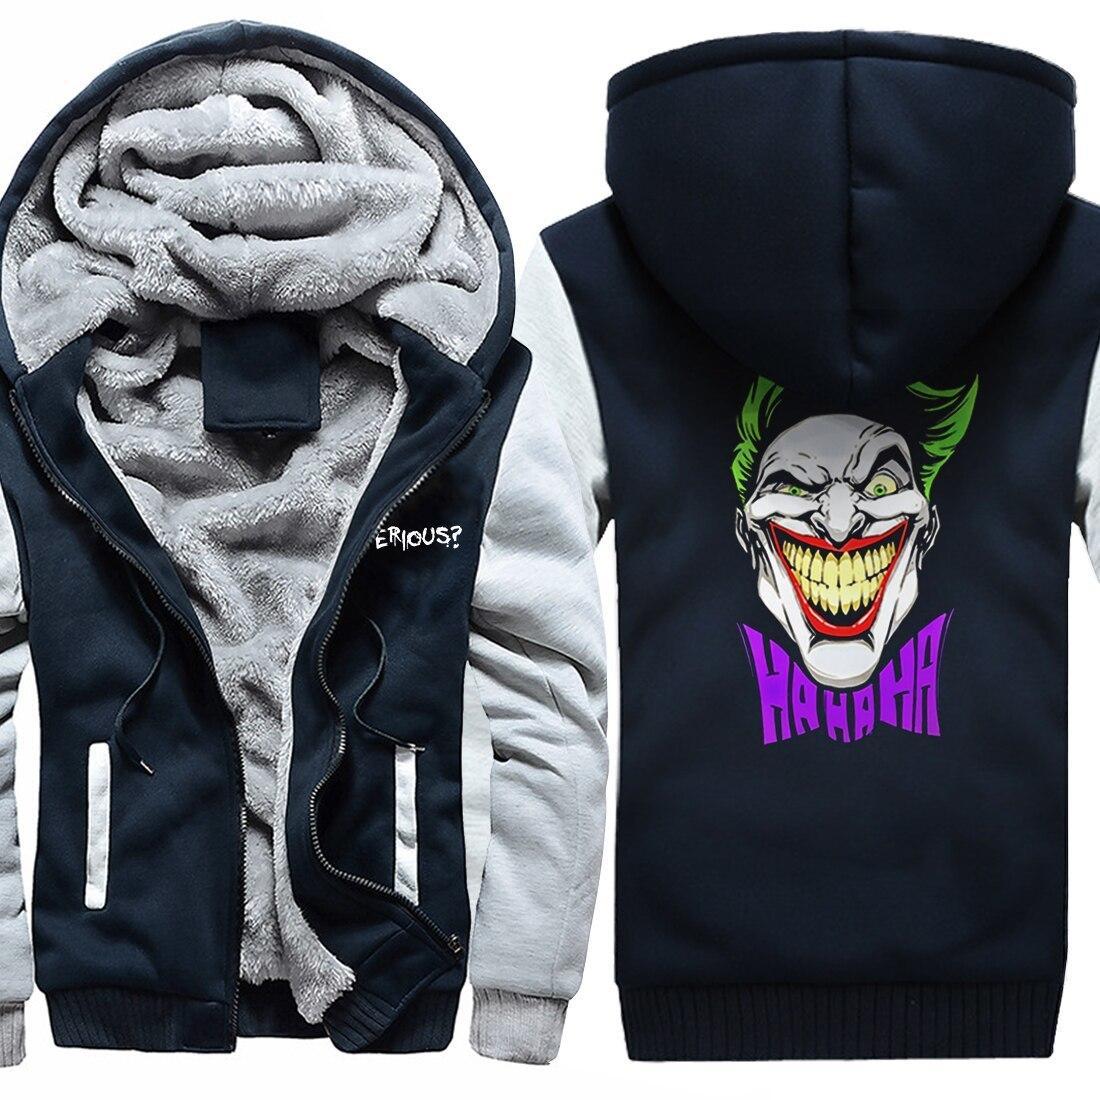 The Joker Print Pull en polaire Épaissement Manteau hiver Vestes chaudes Sweatshirts 2020 mode hip hop hodies succursuits